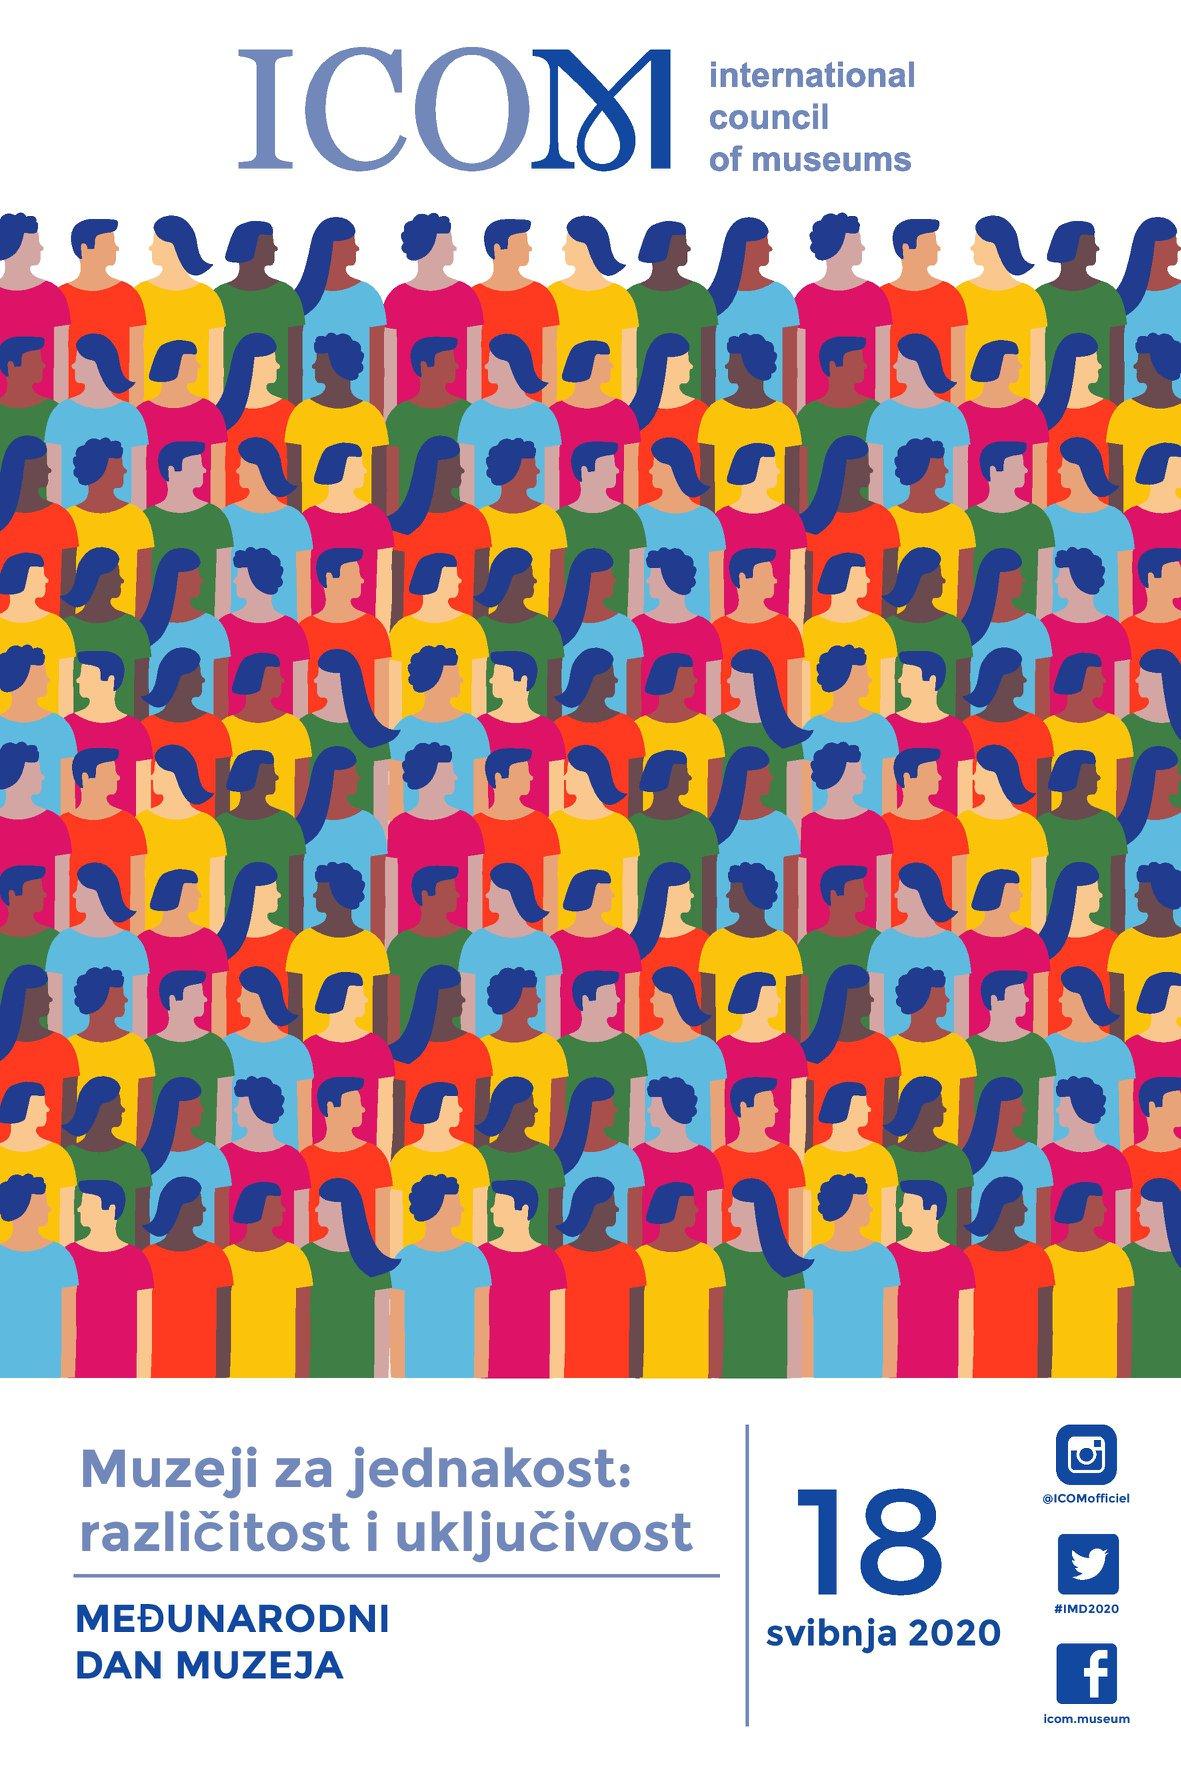 Međunarodni dan muzeja 18. svibnja